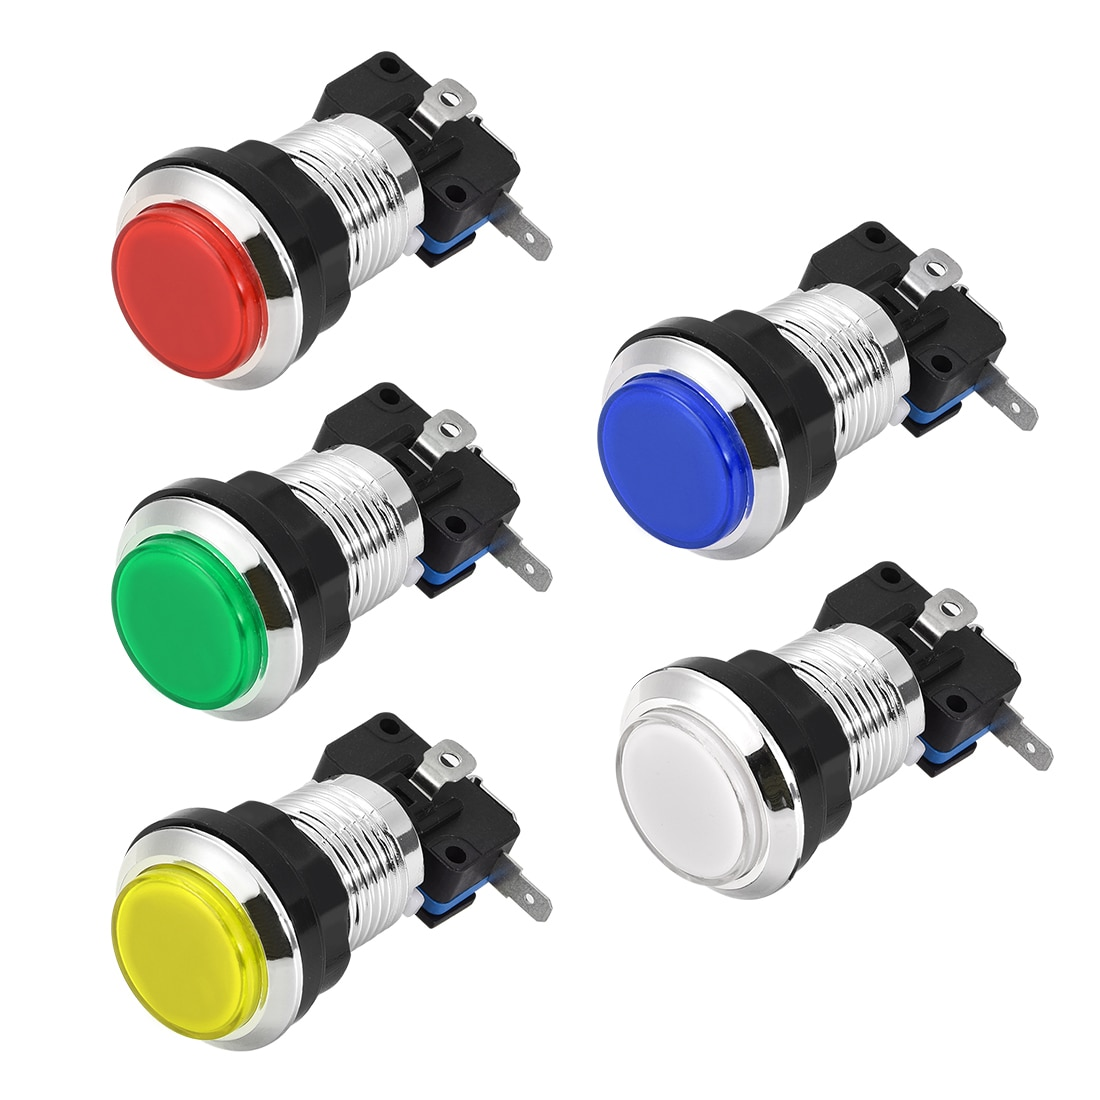 Uxcell 1/5/6 шт игровой кнопочный переключатель 33 мм круглый 12 в светодиодный с подсветкой с микро-переключателем для аркадных видеоигр